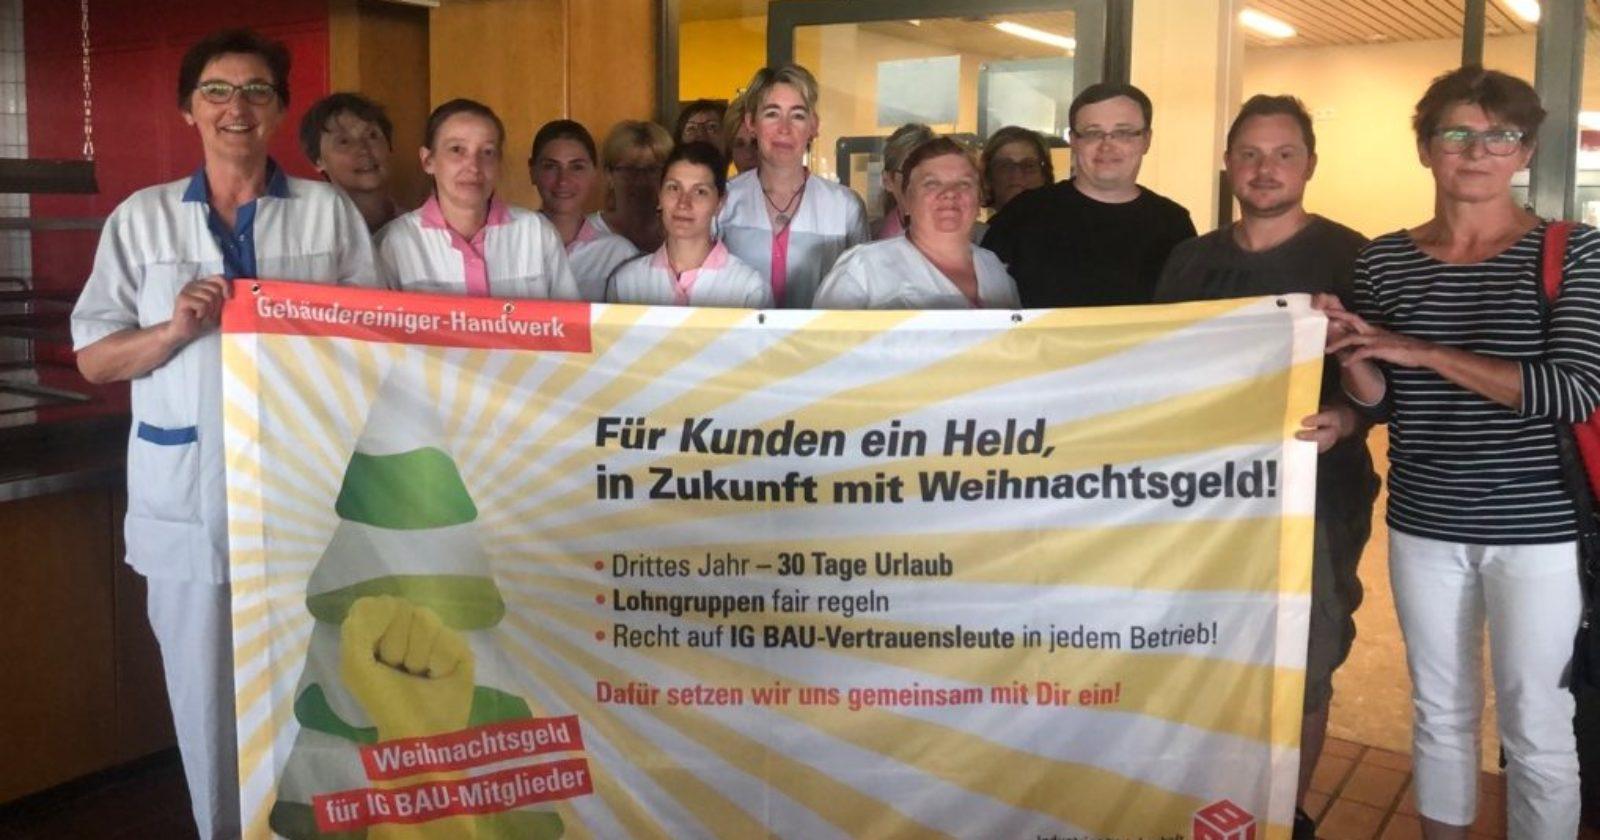 """Beschäftigte der DonauIsar Klinik Service GmbH in Deggendorf: """"Weihnachtsgeld wollen wir!"""""""